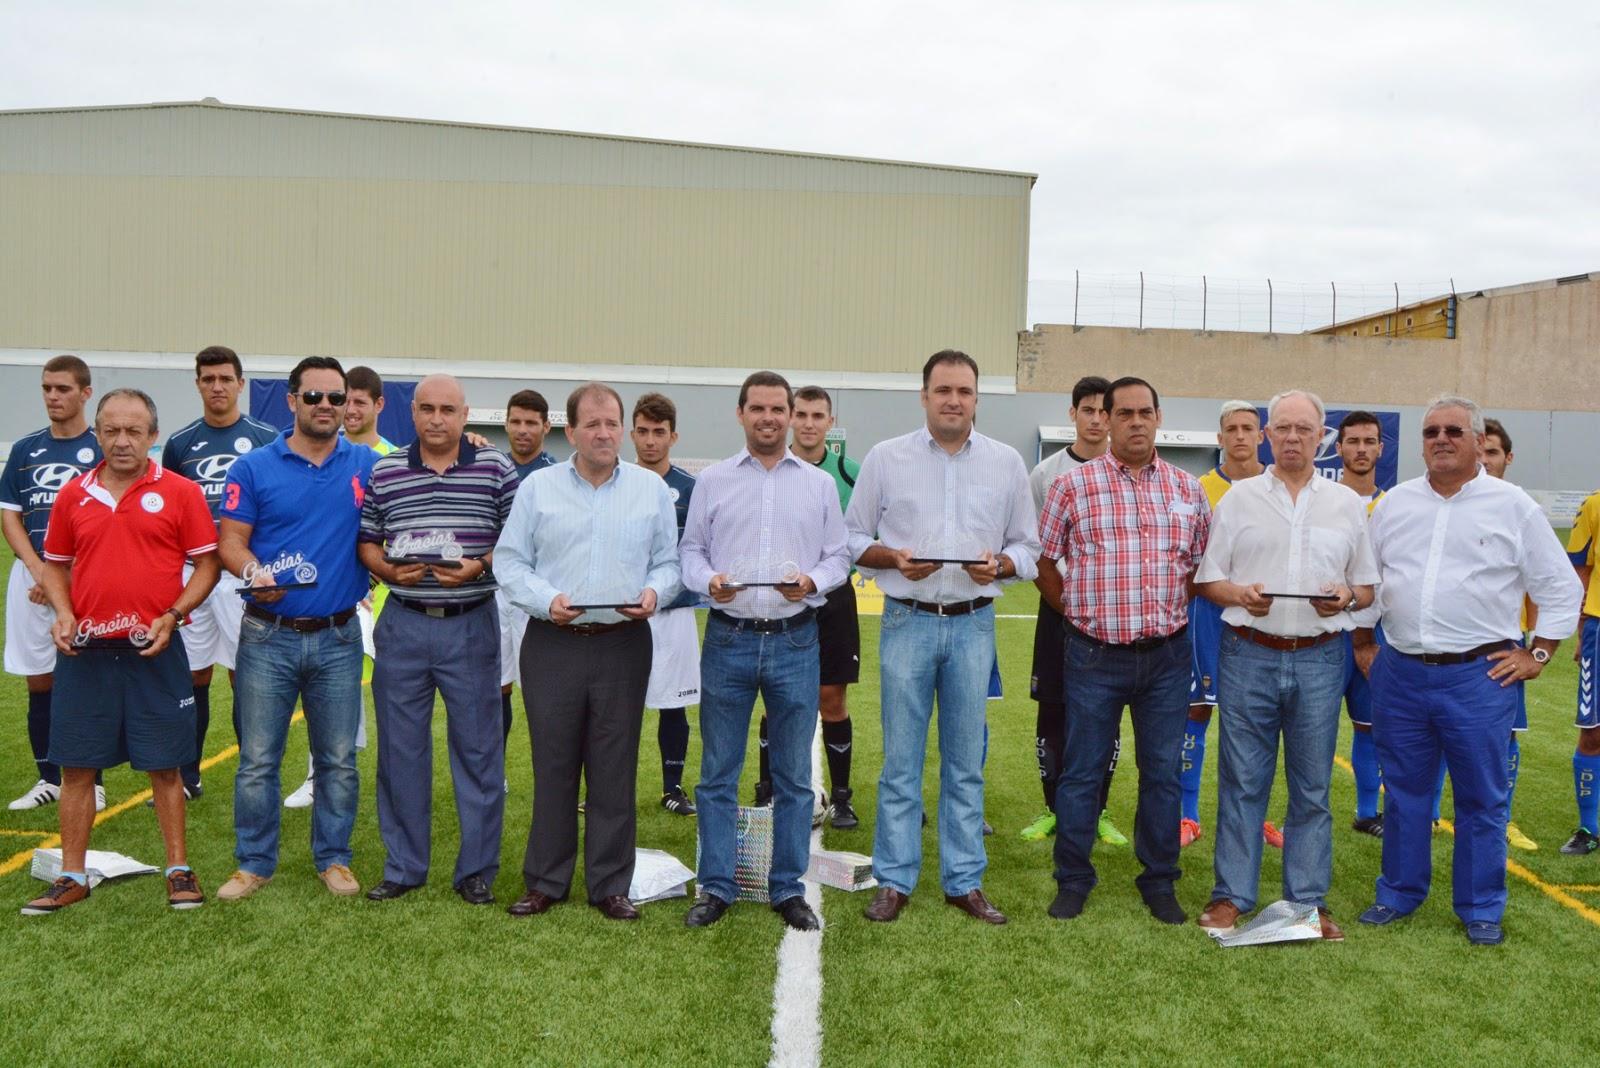 Inauguraci n nuevo c sped artificial campo de f tbol autoridad portuaria de las palmas - Cesped artificial las palmas ...